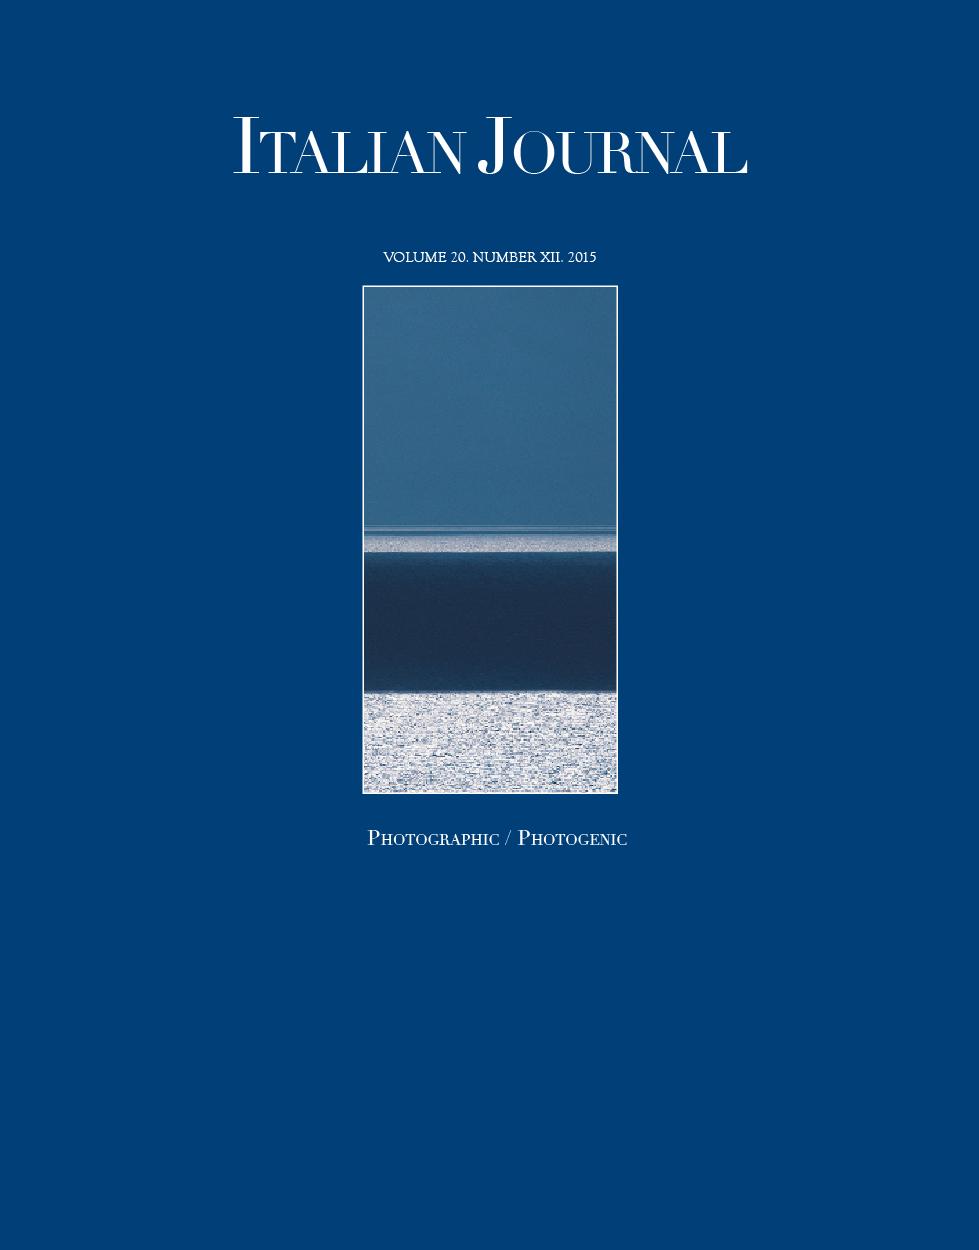 ItalianJournal12 cover